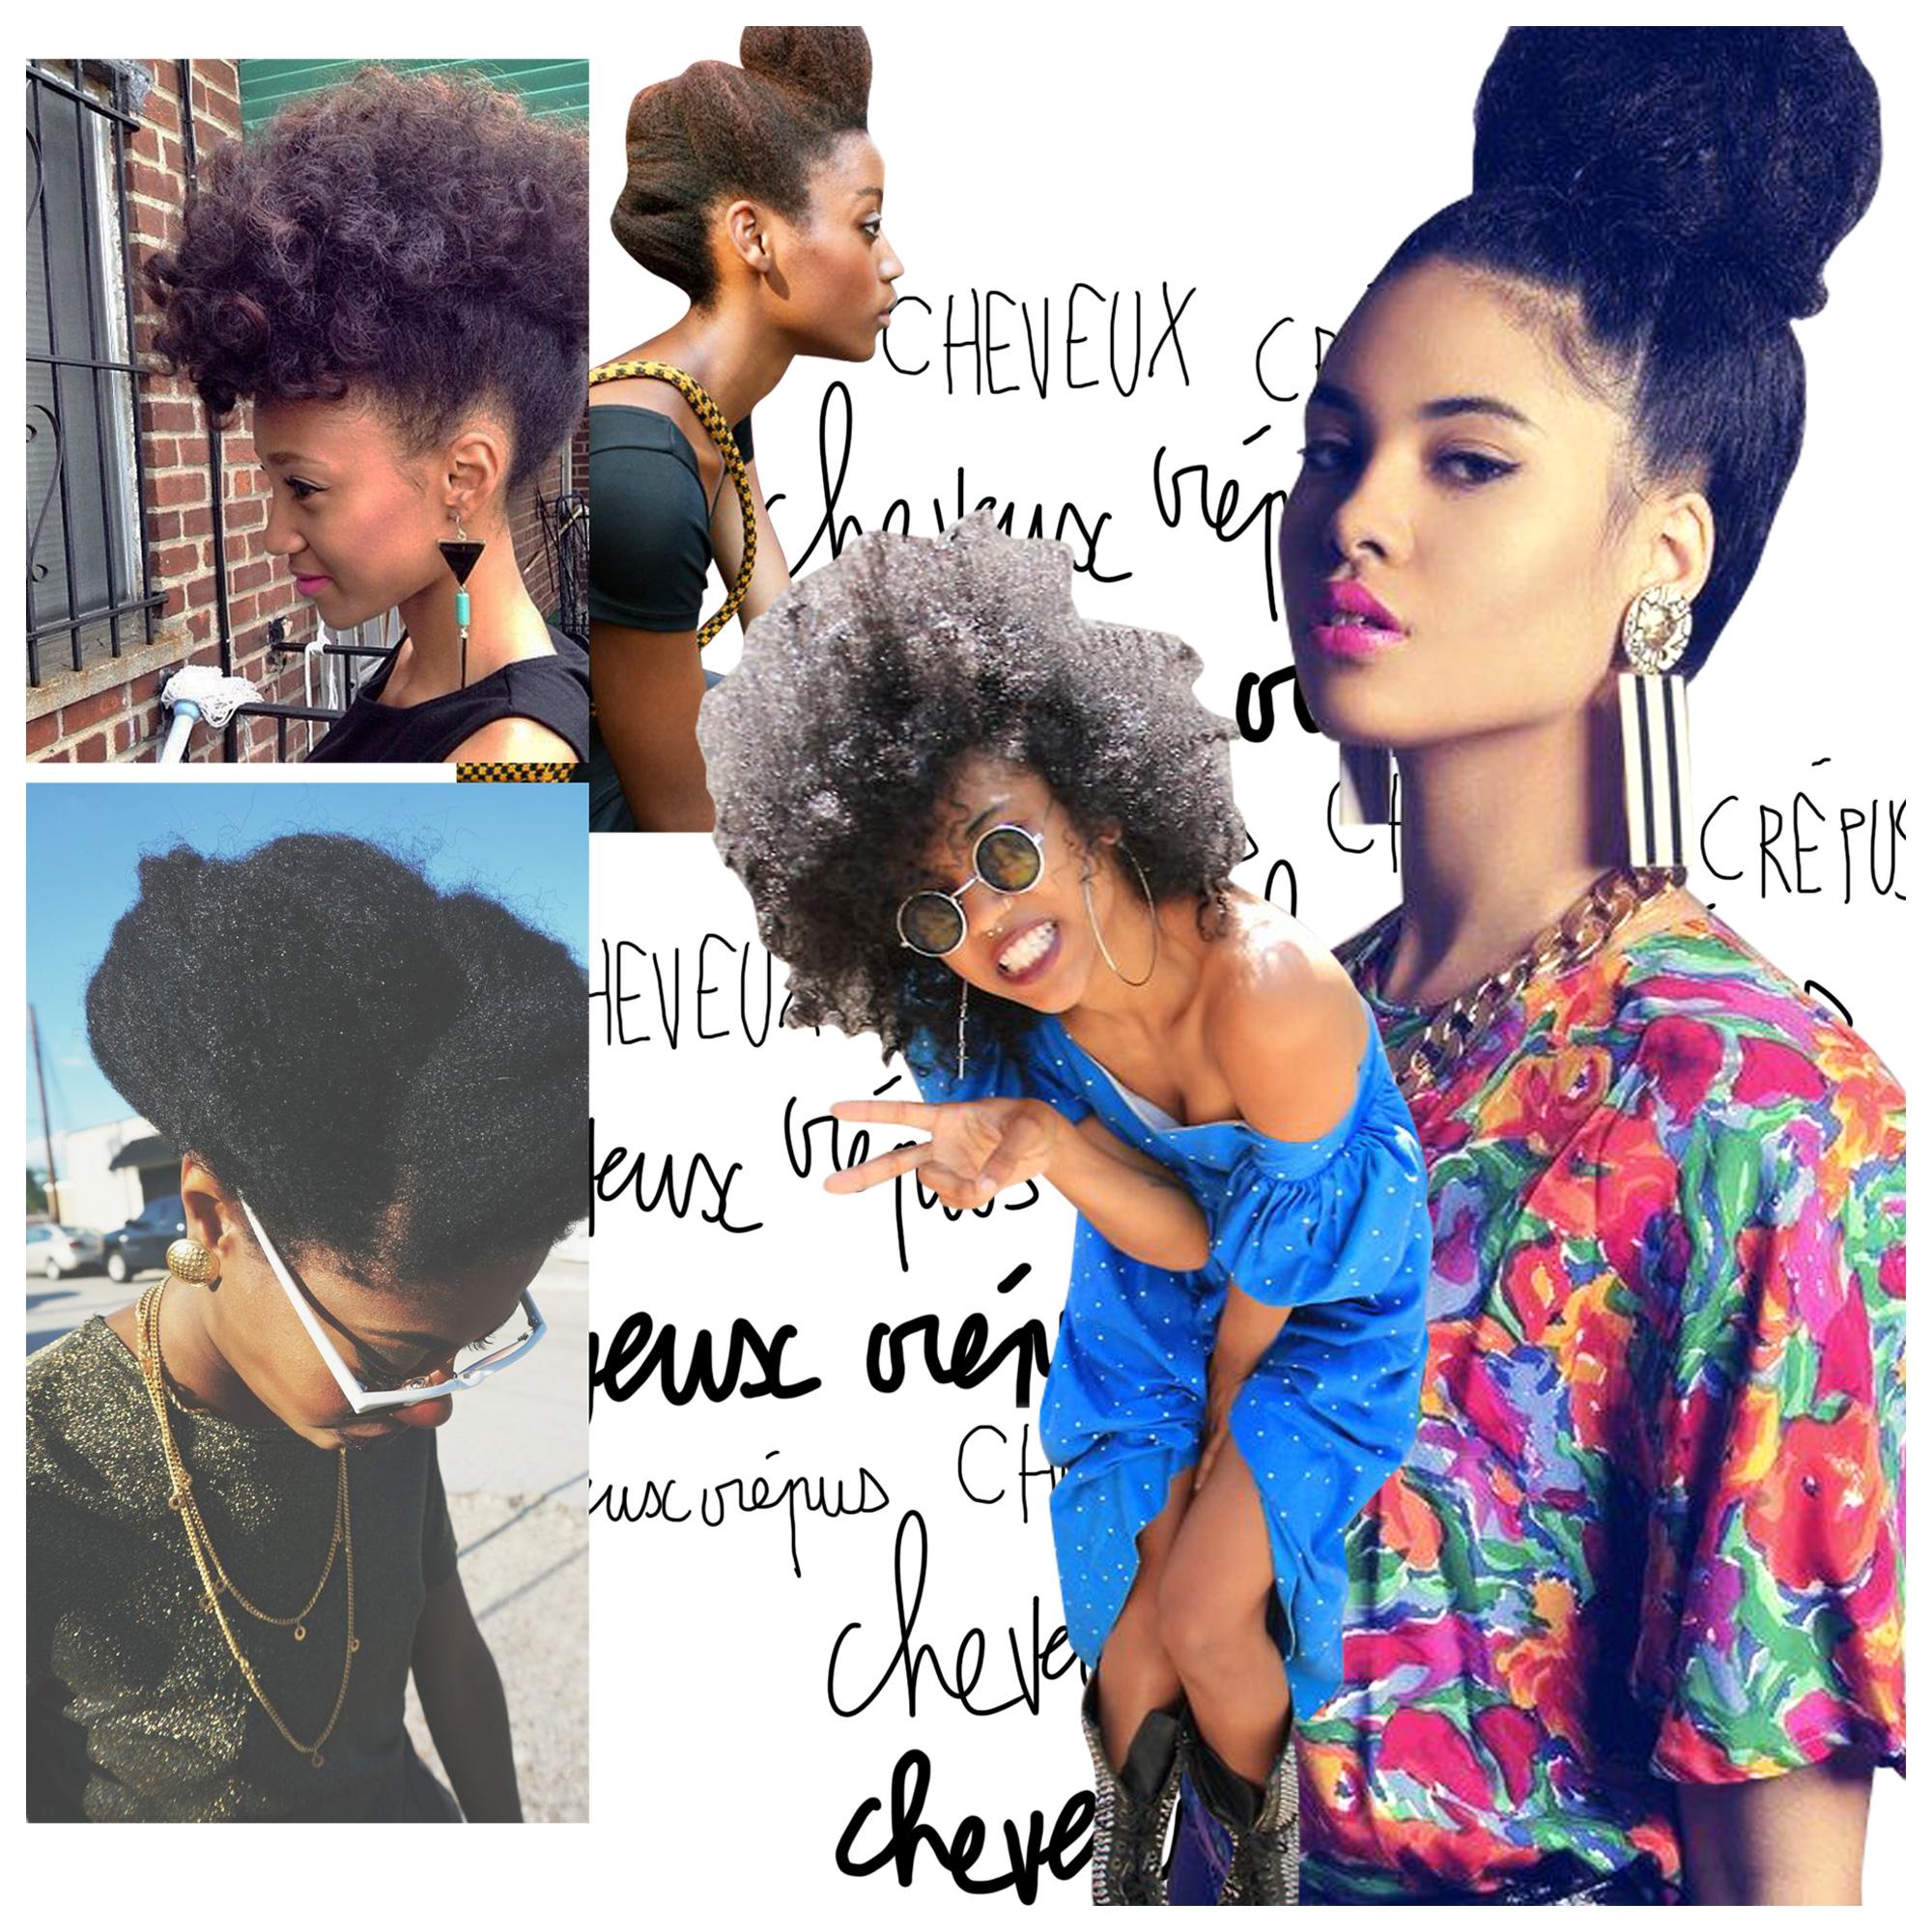 Cheveux crépus : 20 idées de coiffures pour cheveux crépus - Elle